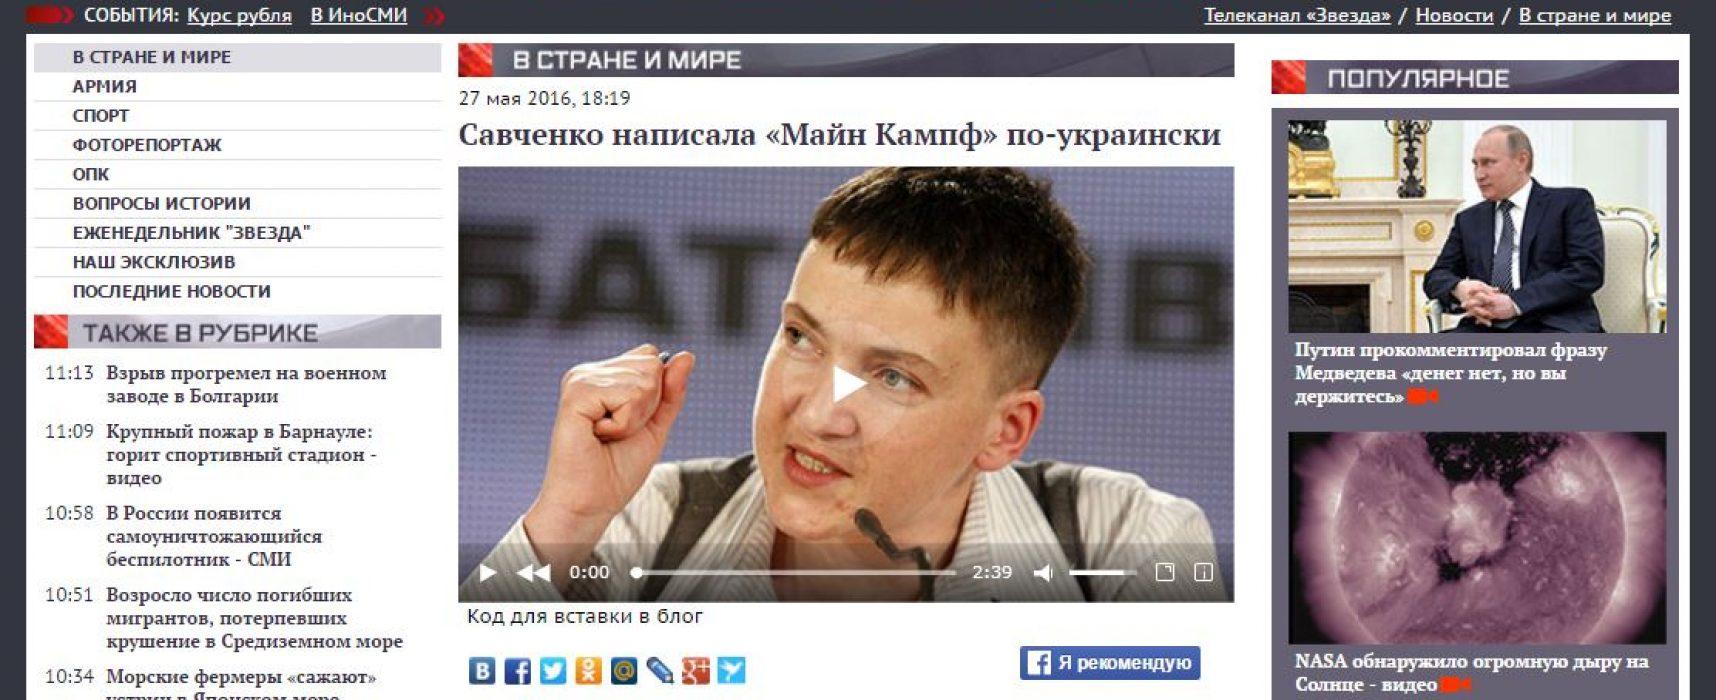 Fake: Savtchenko a écrit l'équivalent de «Mein Kampf» en ukrainien